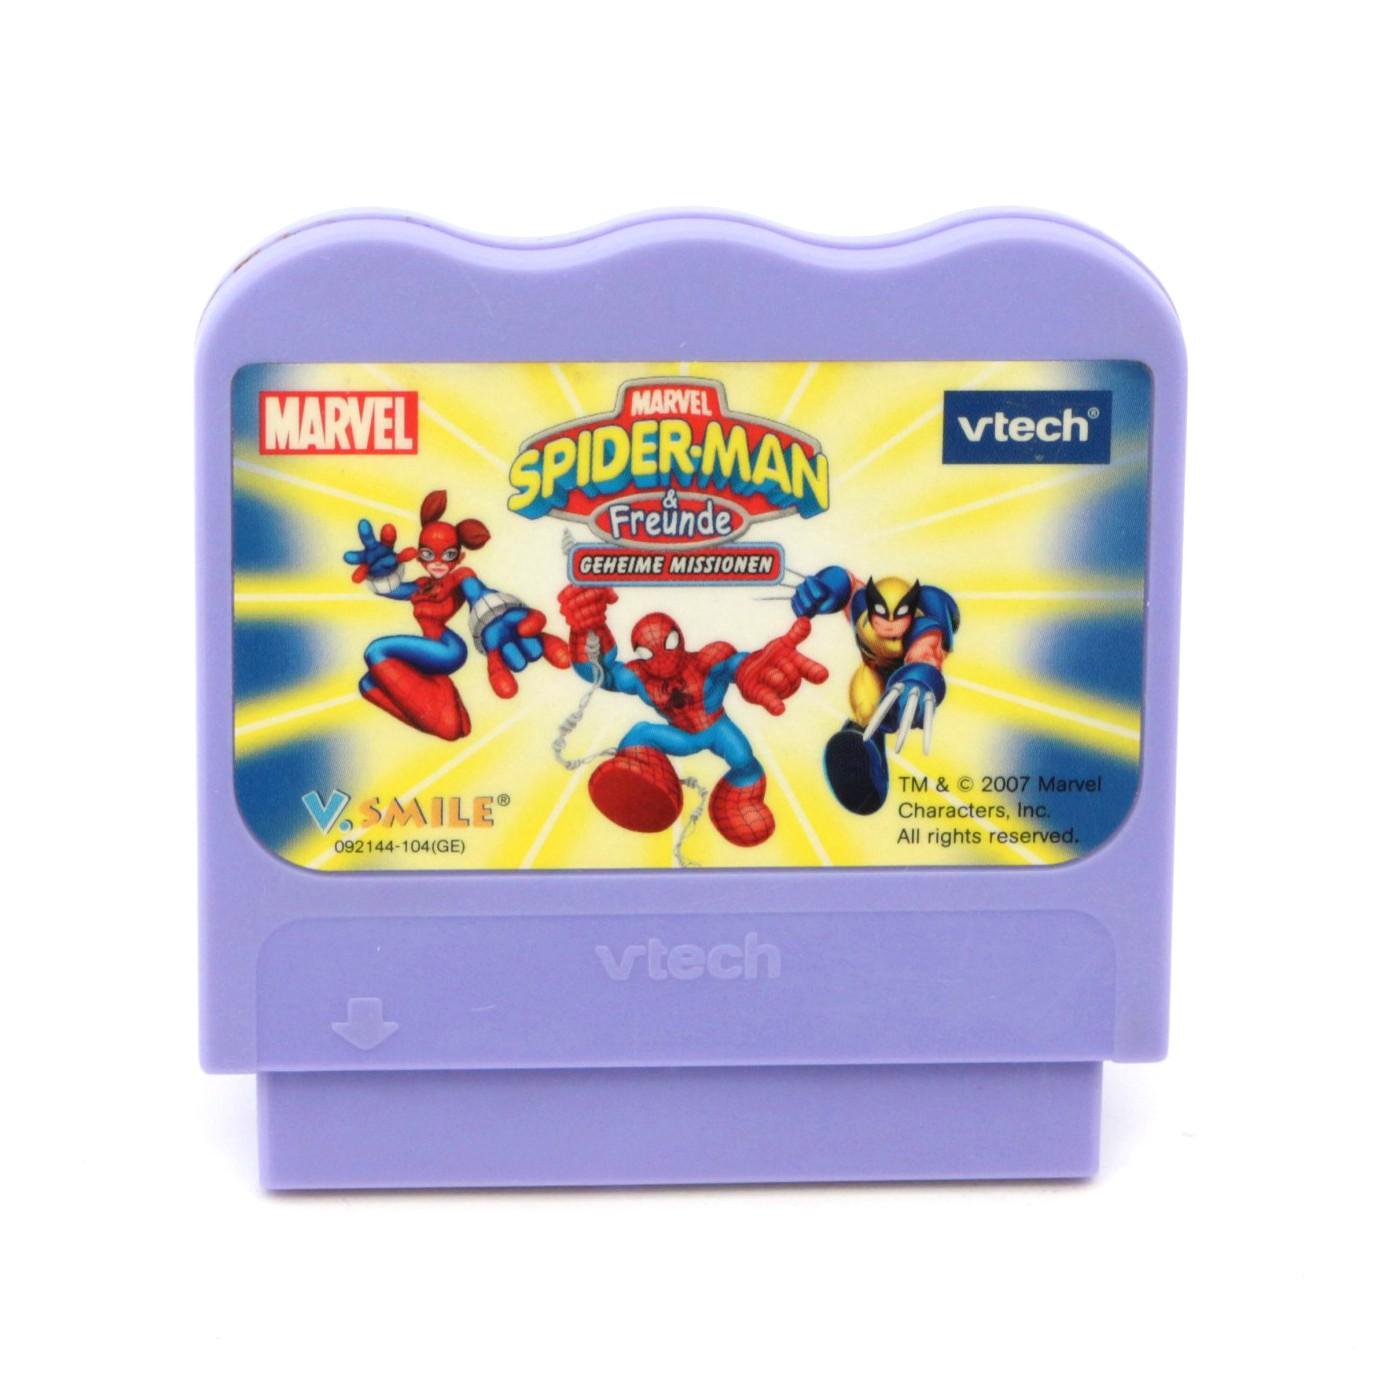 Vtech - Spider-Man & Freunde: Geheime Missionen